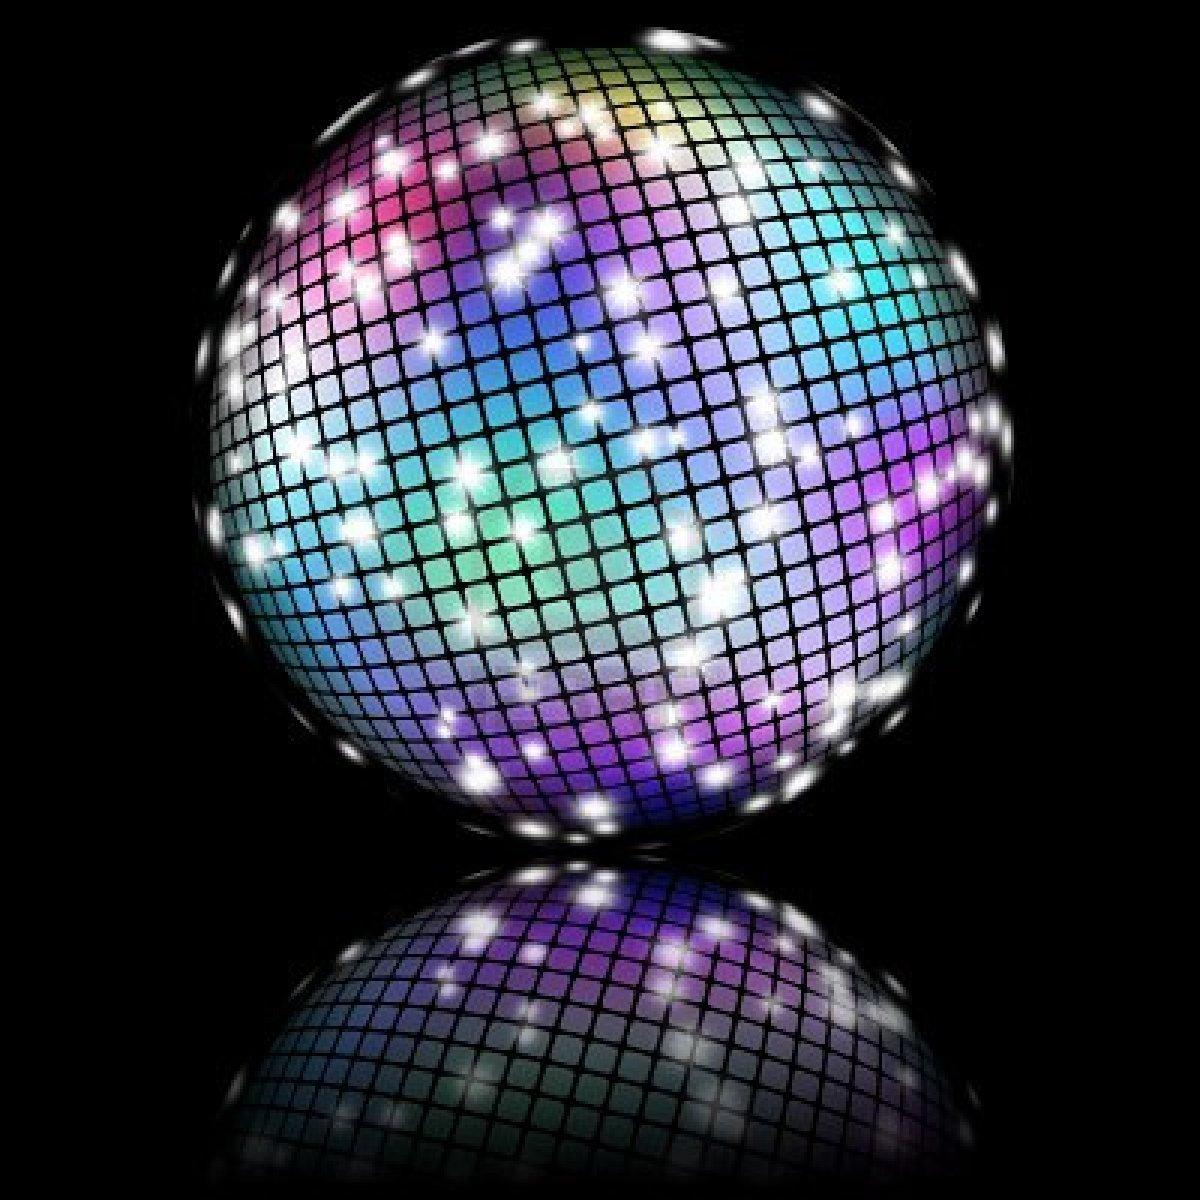 La buena musica - Bola de discoteca de colores ...